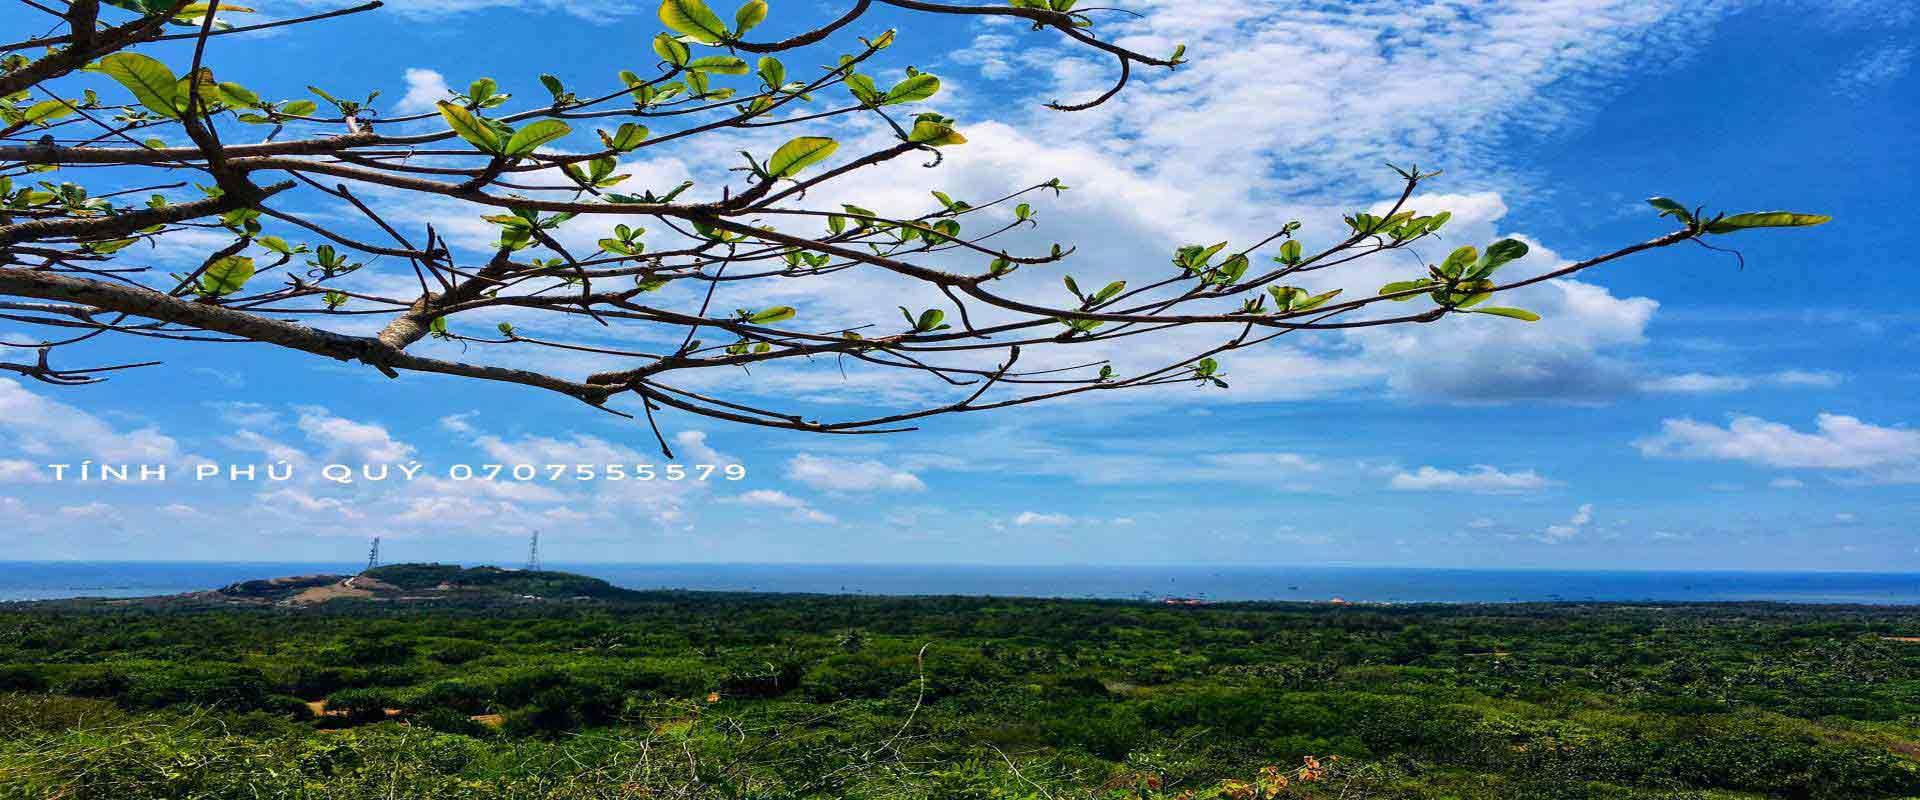 Đảo Phú <i>Qúy</i>